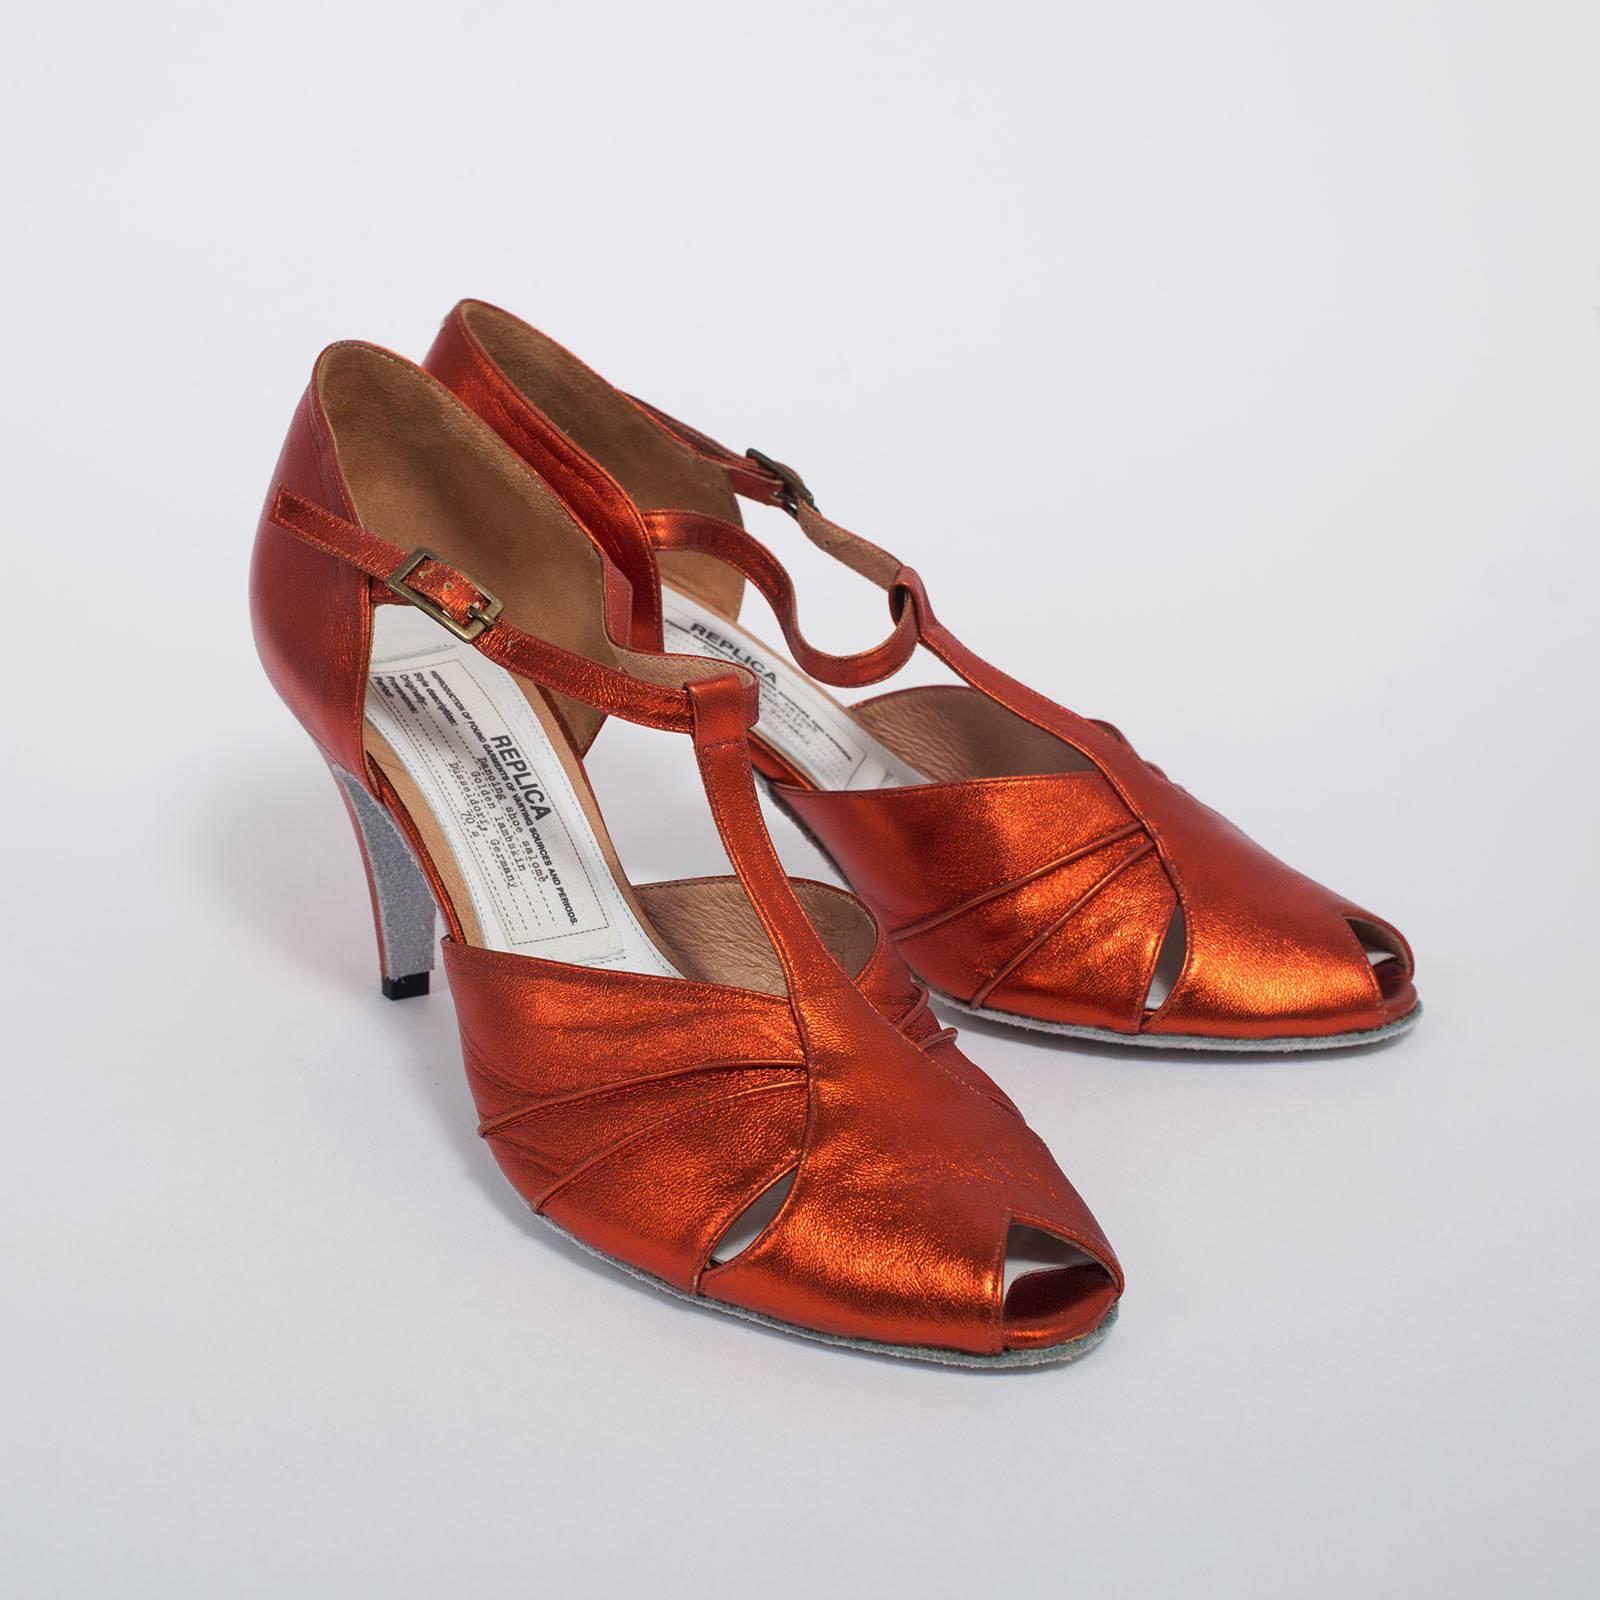 6fa9b88b532f Купить туфли Replica Maison Martin Margiela в Москве с доставкой по ...